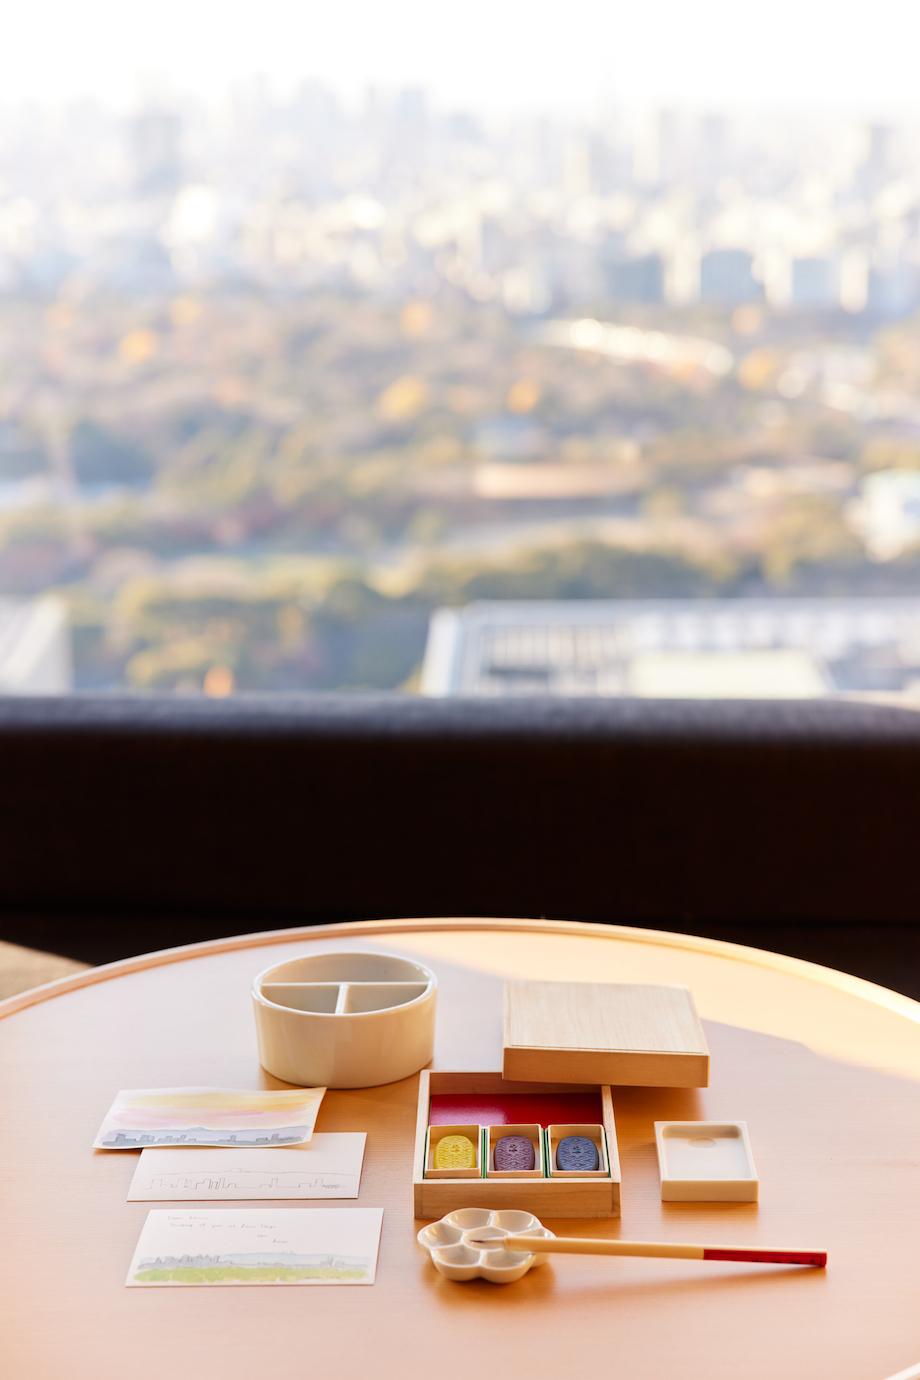 アマン東京×PIGMENT TOKYOコラボ企画 宿泊プラン「絵てがみ時間 at アマン東京」